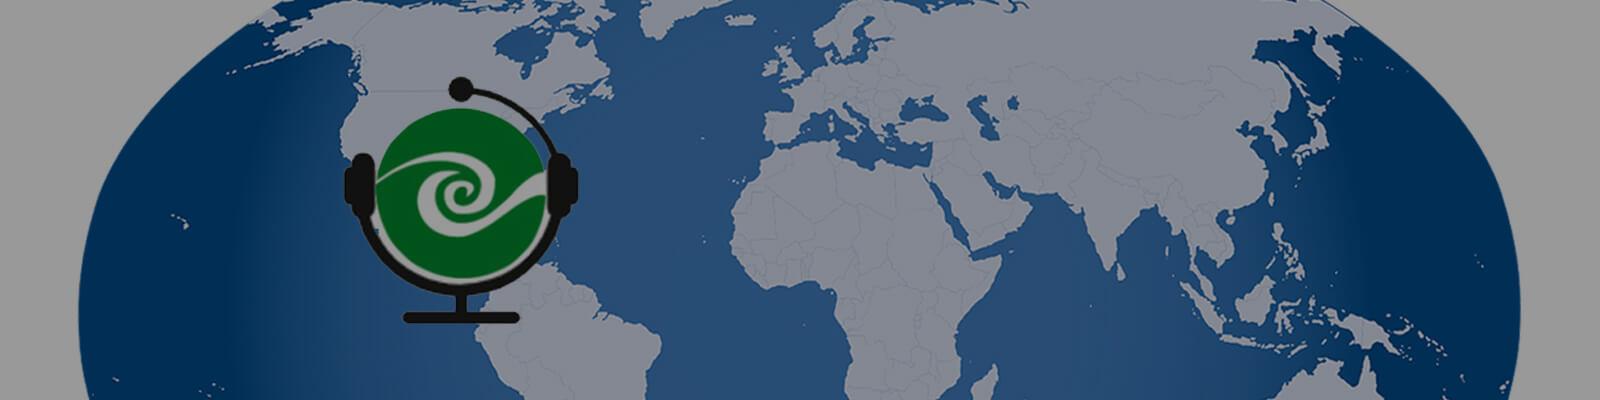 GLOBAL MARKETING SHOW BANNER for RT website v4-overlay